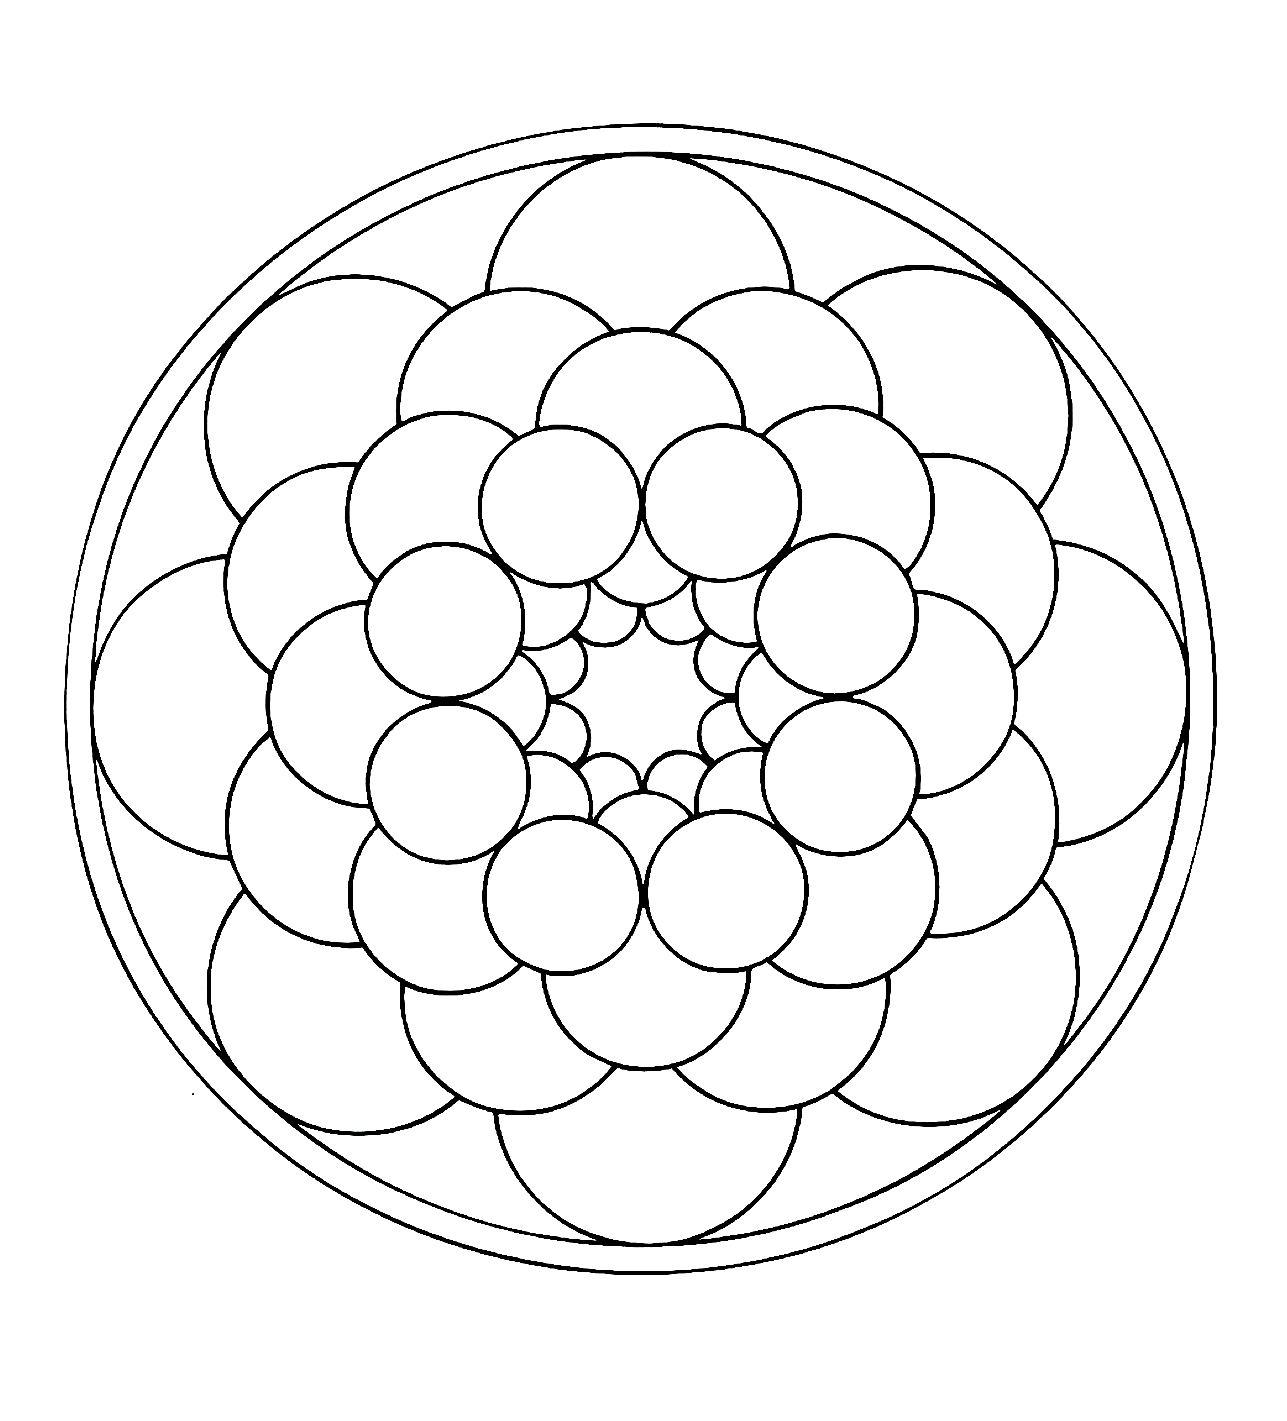 Mandala to color easy children 19 - Easy Mandalas for kids - 100 ...